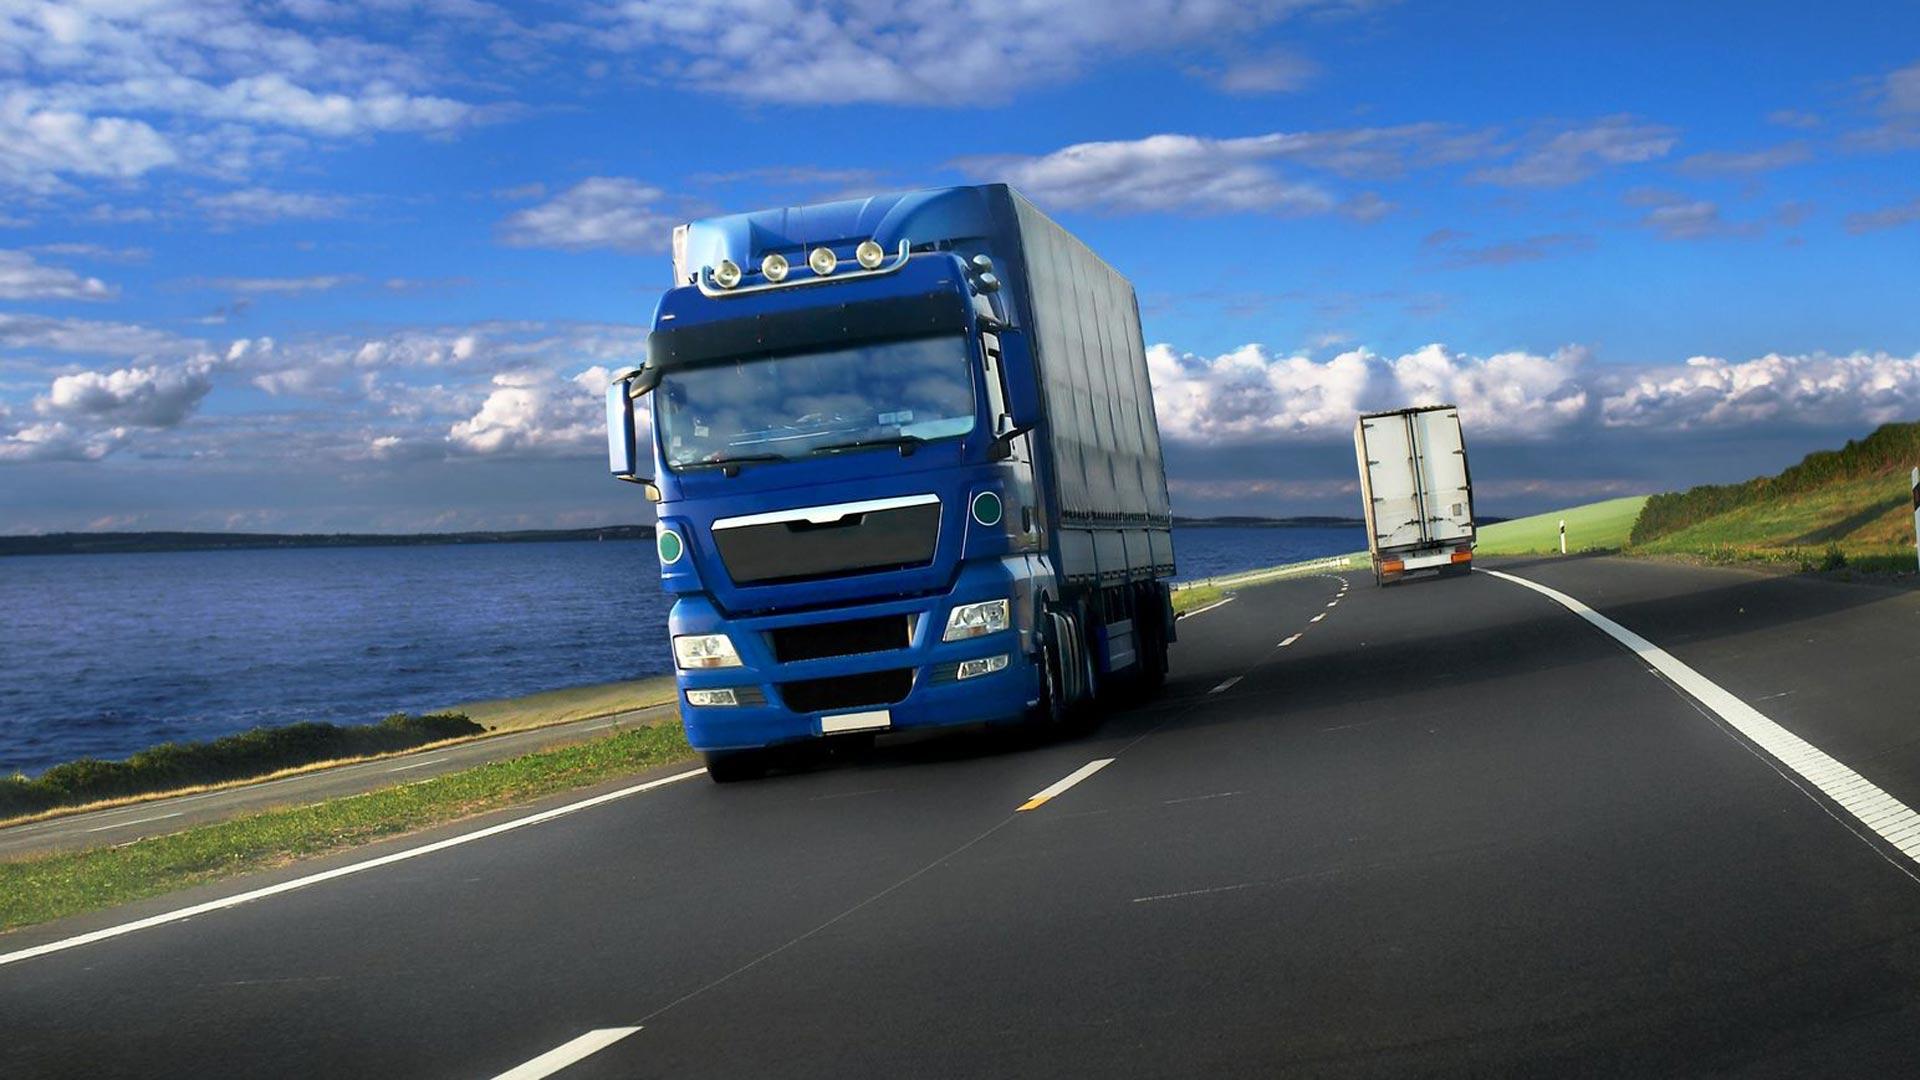 Правила автомобильных перевозок грузов изменены в Беларуси